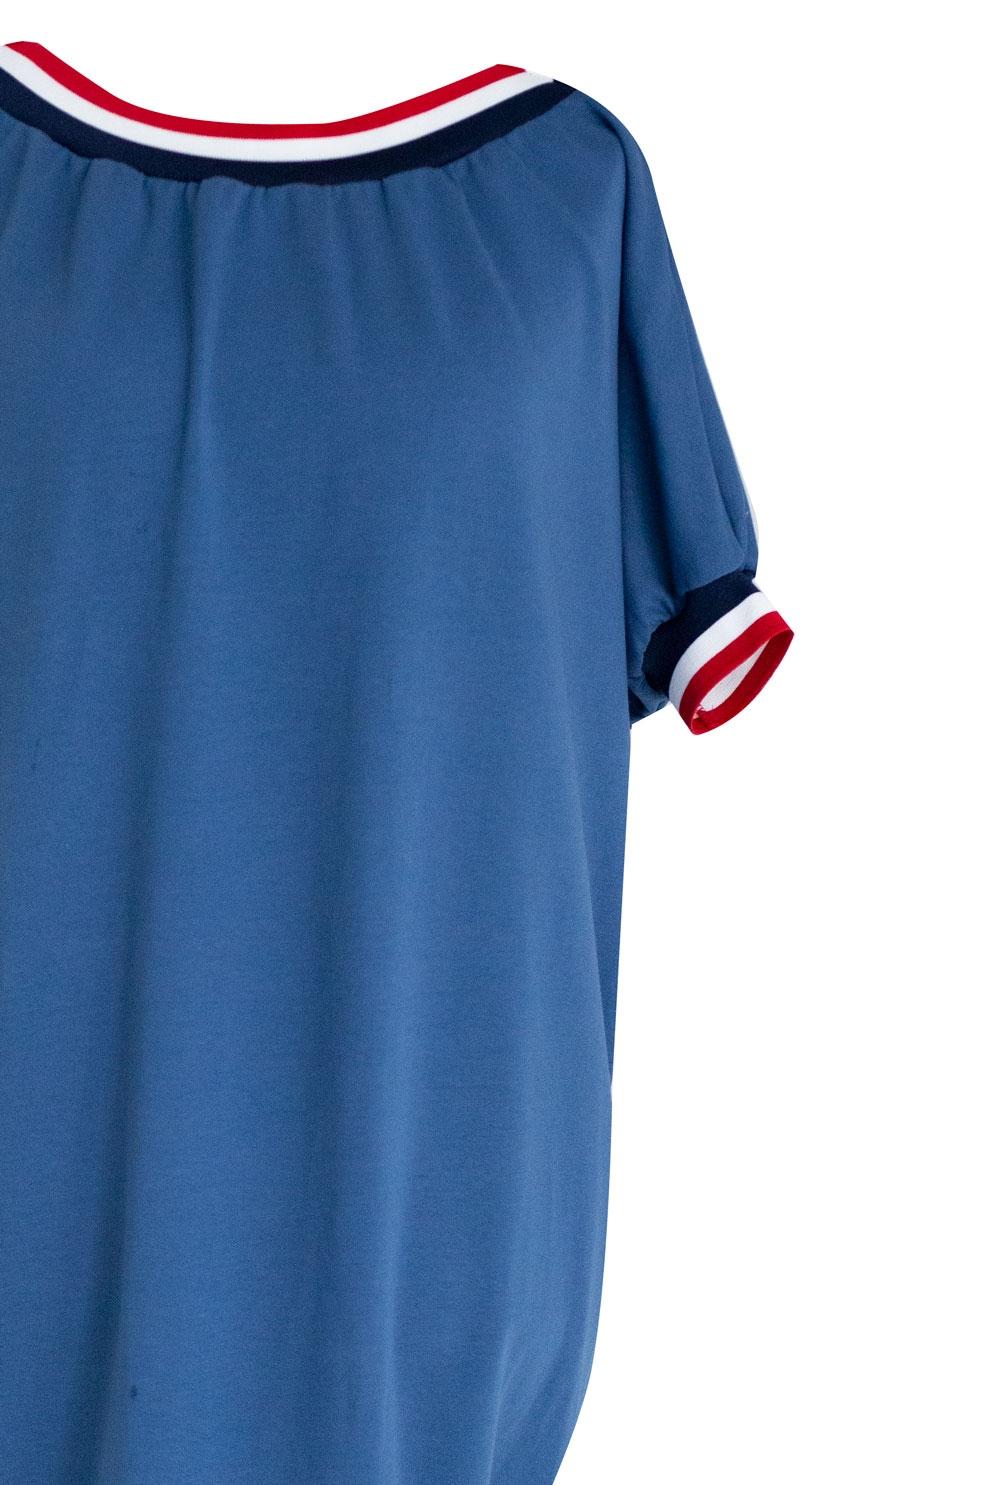 fb95ecca Sukienka ze ściągaczem WHITNEY - kolor jeansowy. Malinowa sukienka z  wiązaniem - VENEZIA